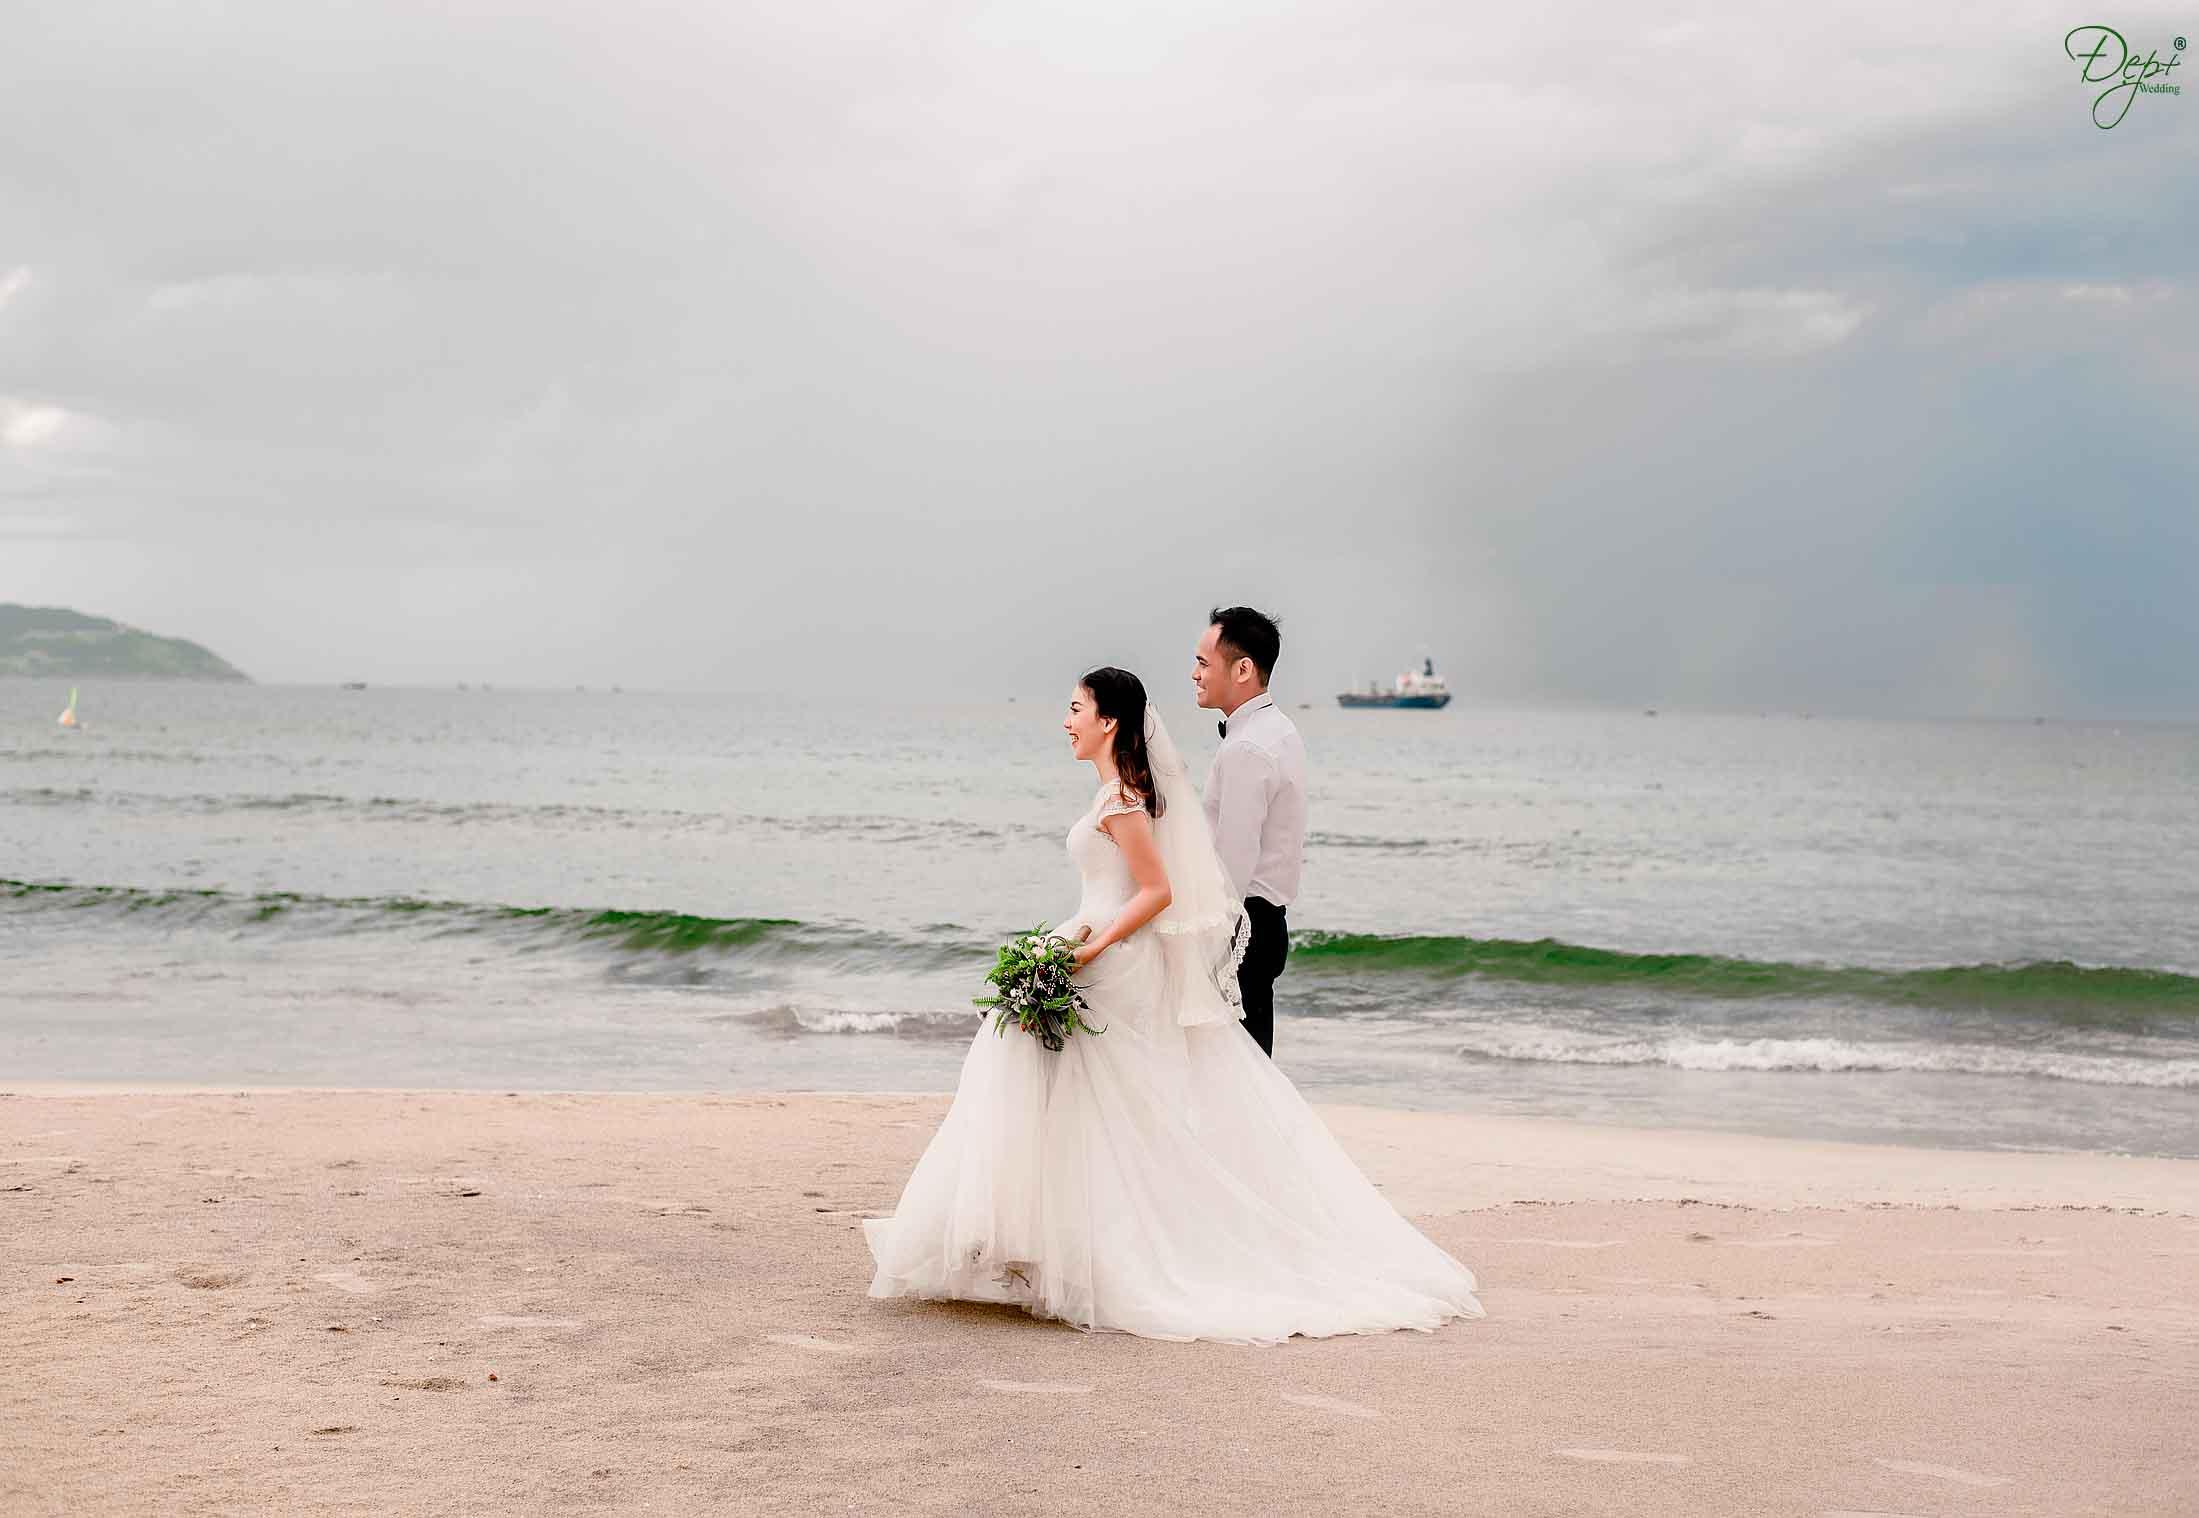 công viên biển đông là địa điểm chụp ảnh cưới